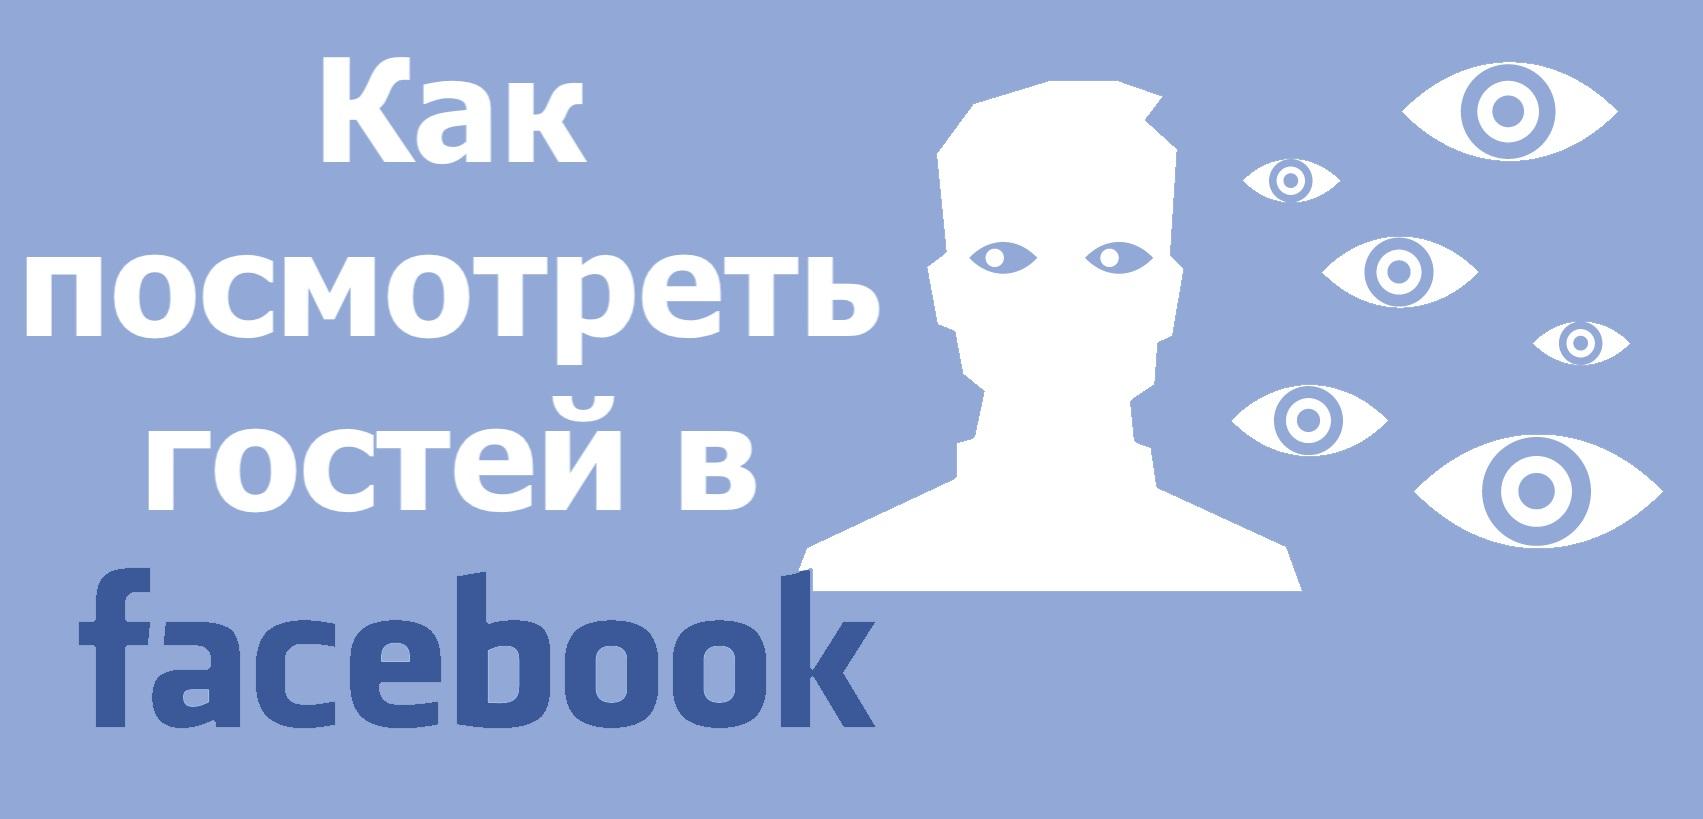 как посмотреть гостей в фейсбук